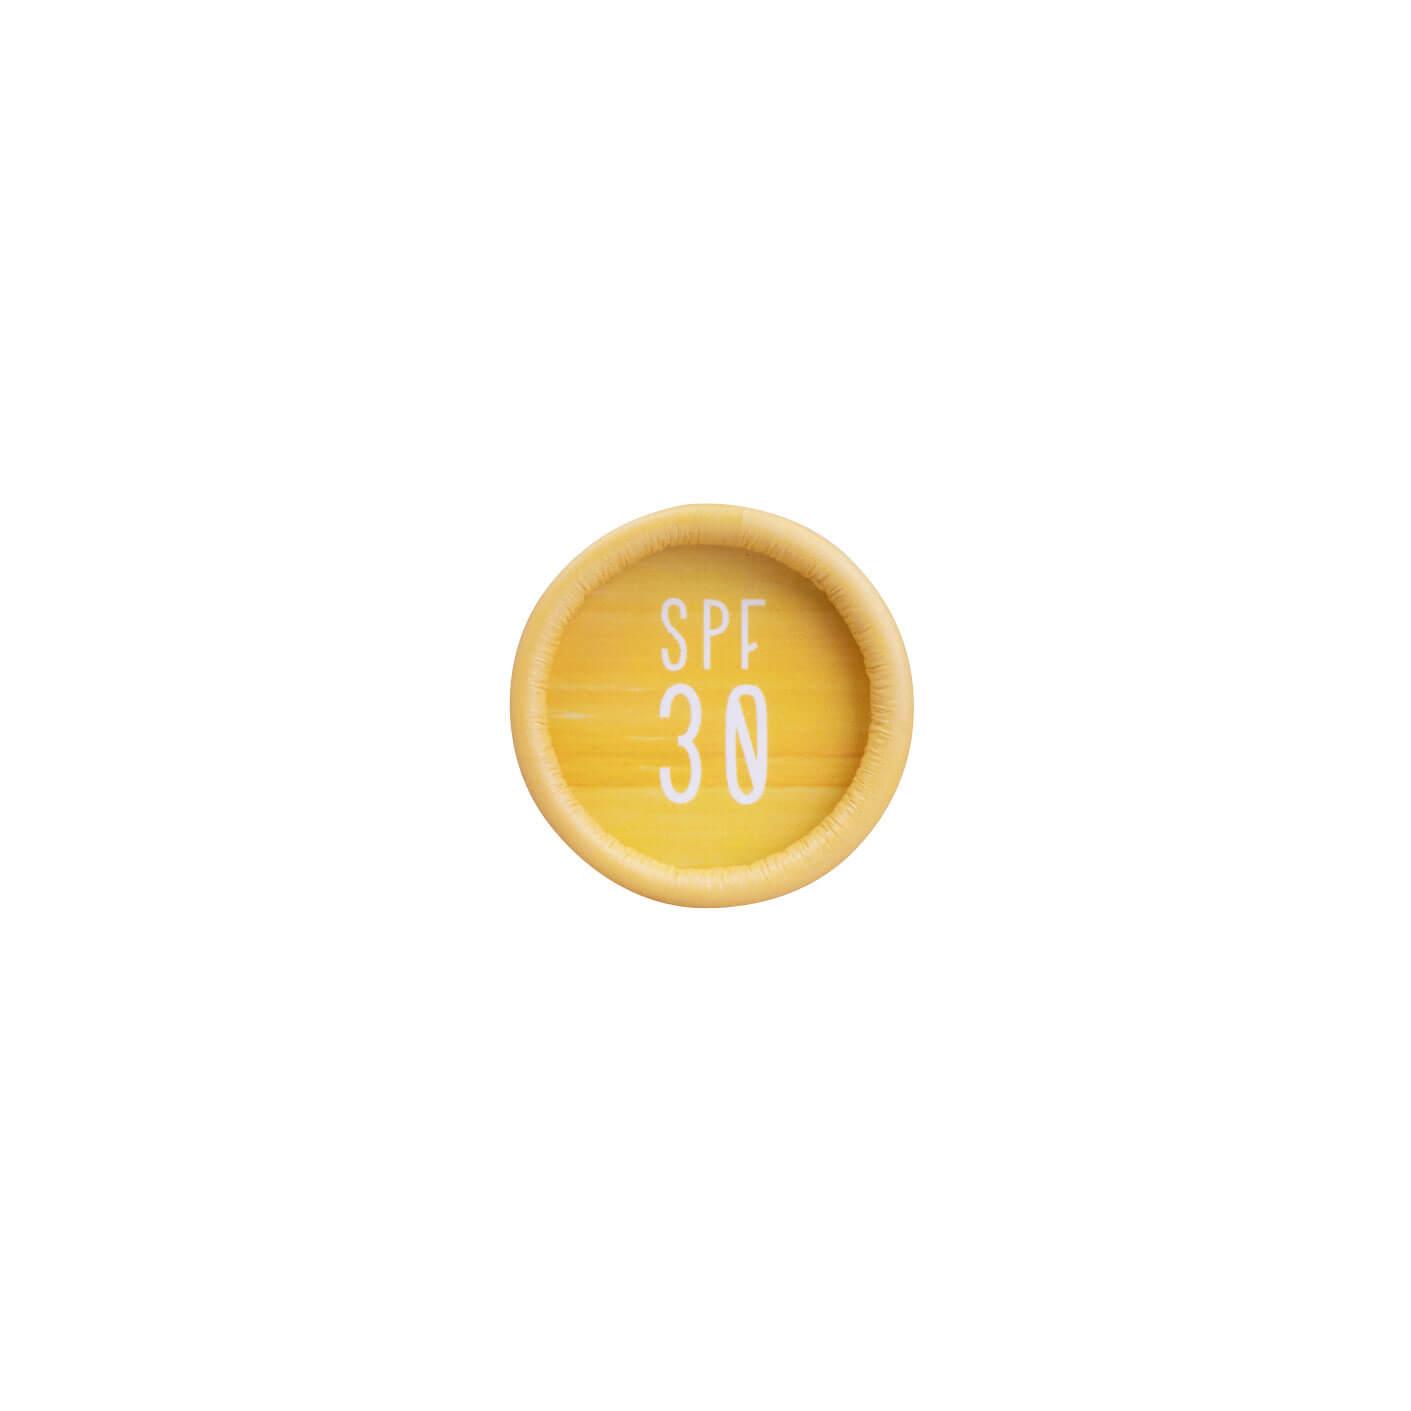 Revenda - Protetor solar em stick  SPF30 - We Love The Planet